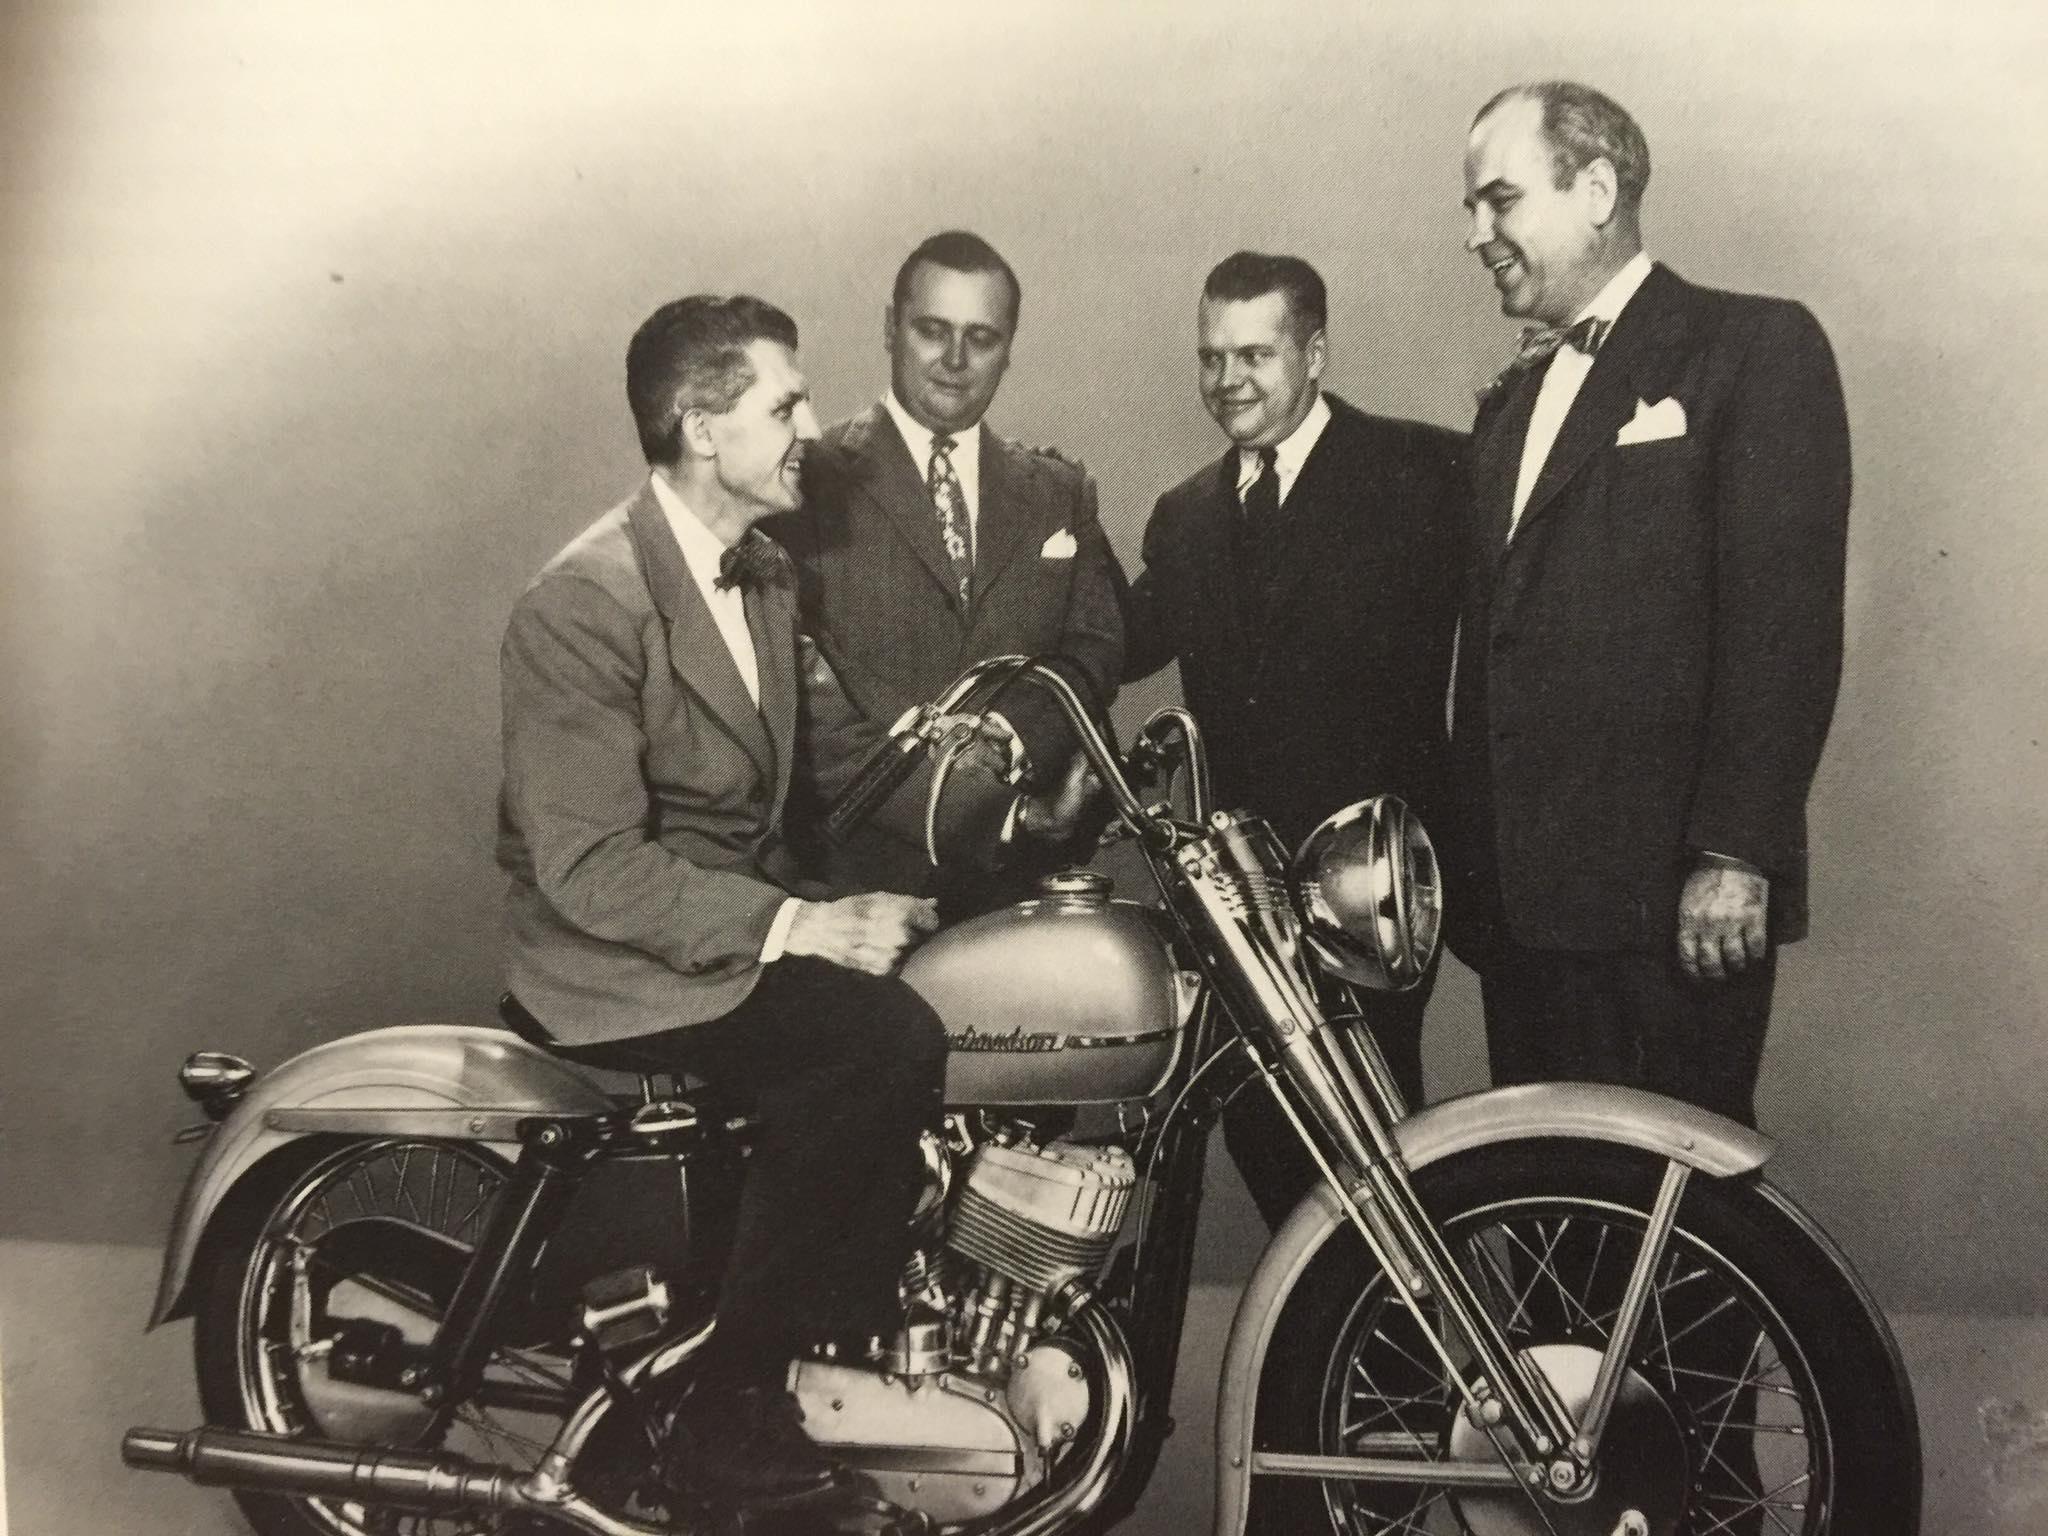 Años 50: los hijos de los fundadores con la Sportster